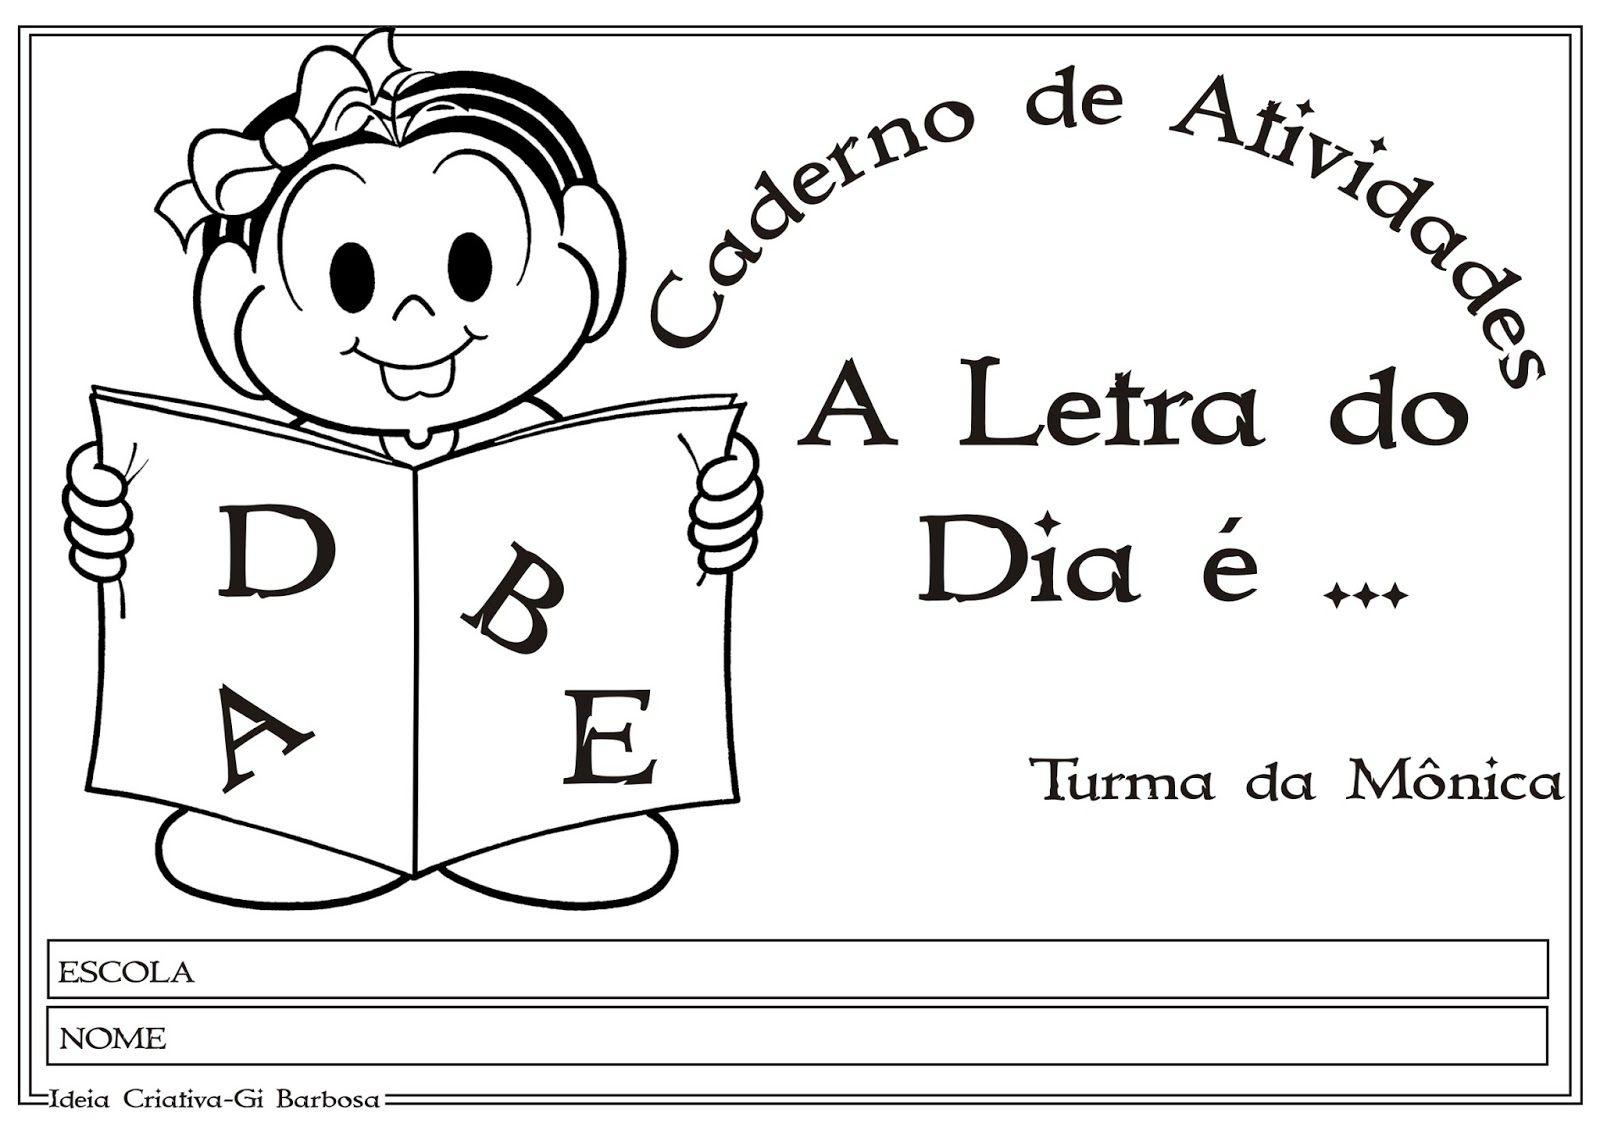 26 Lindas Atividades Com As Letras Do Alfabeto Turma Da Monica